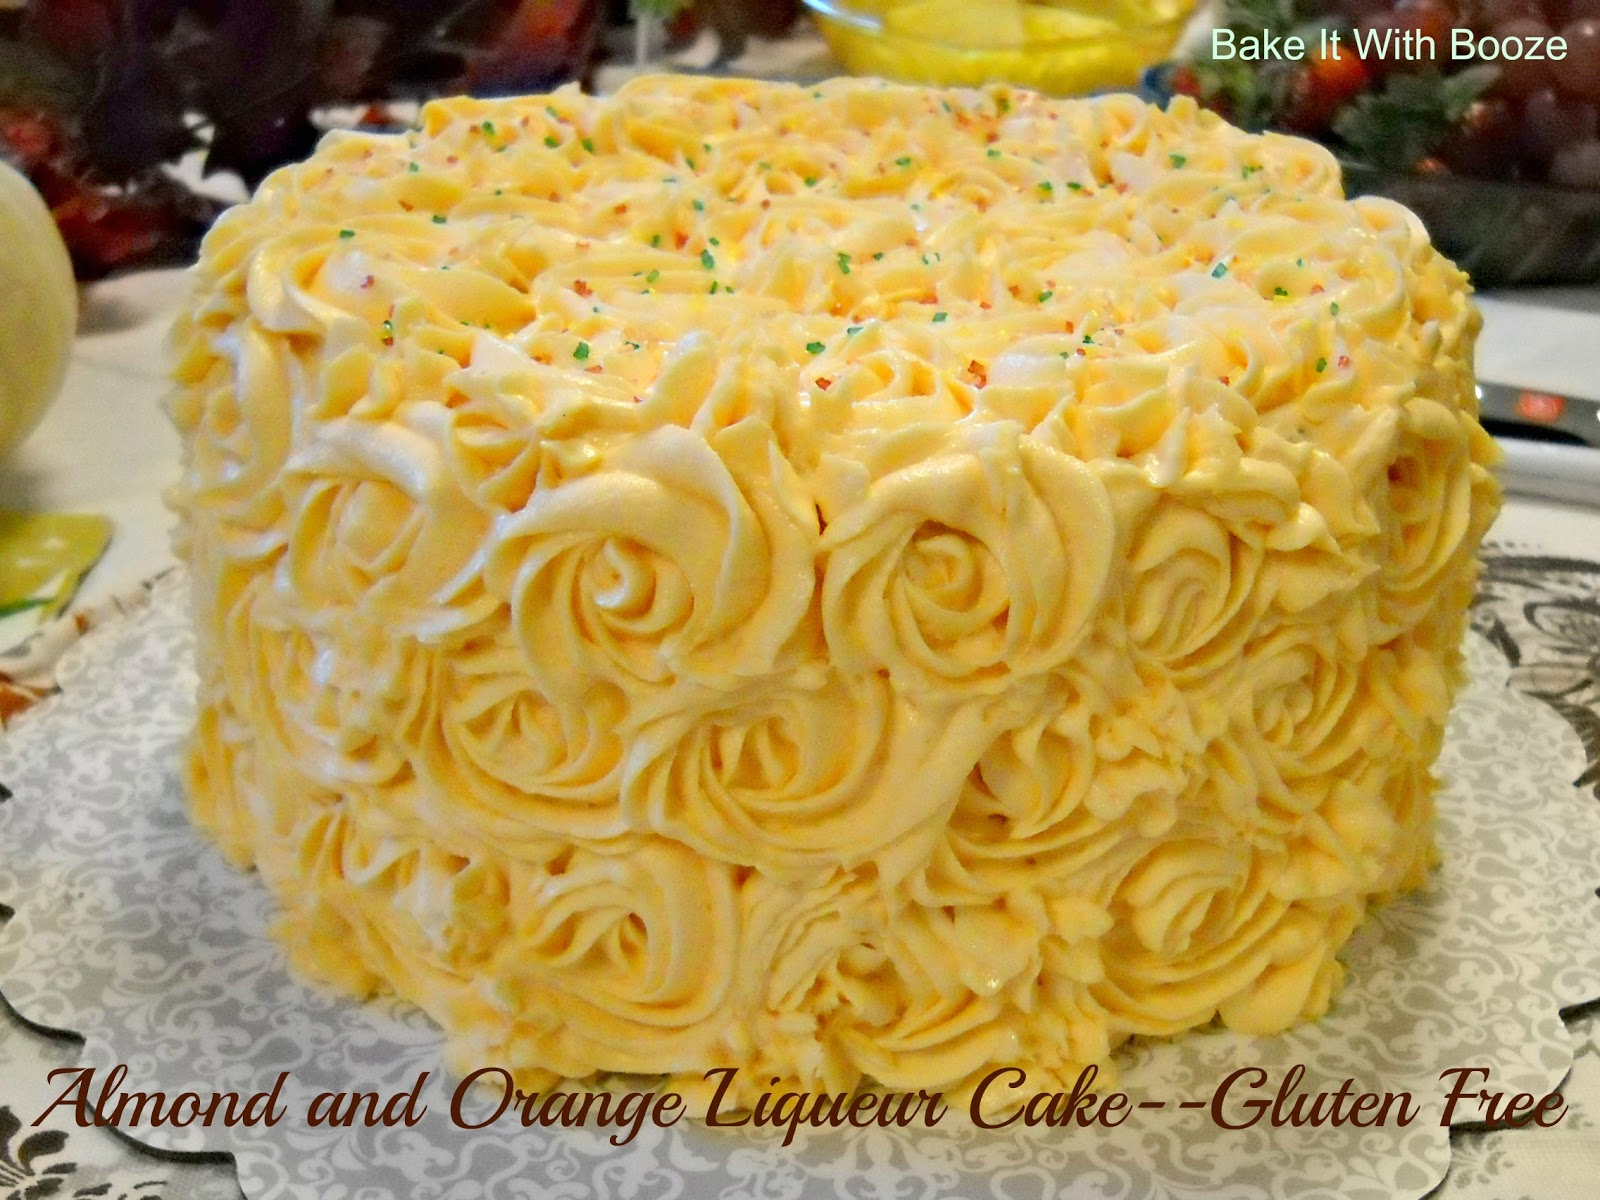 Orange liqueur cake recipe